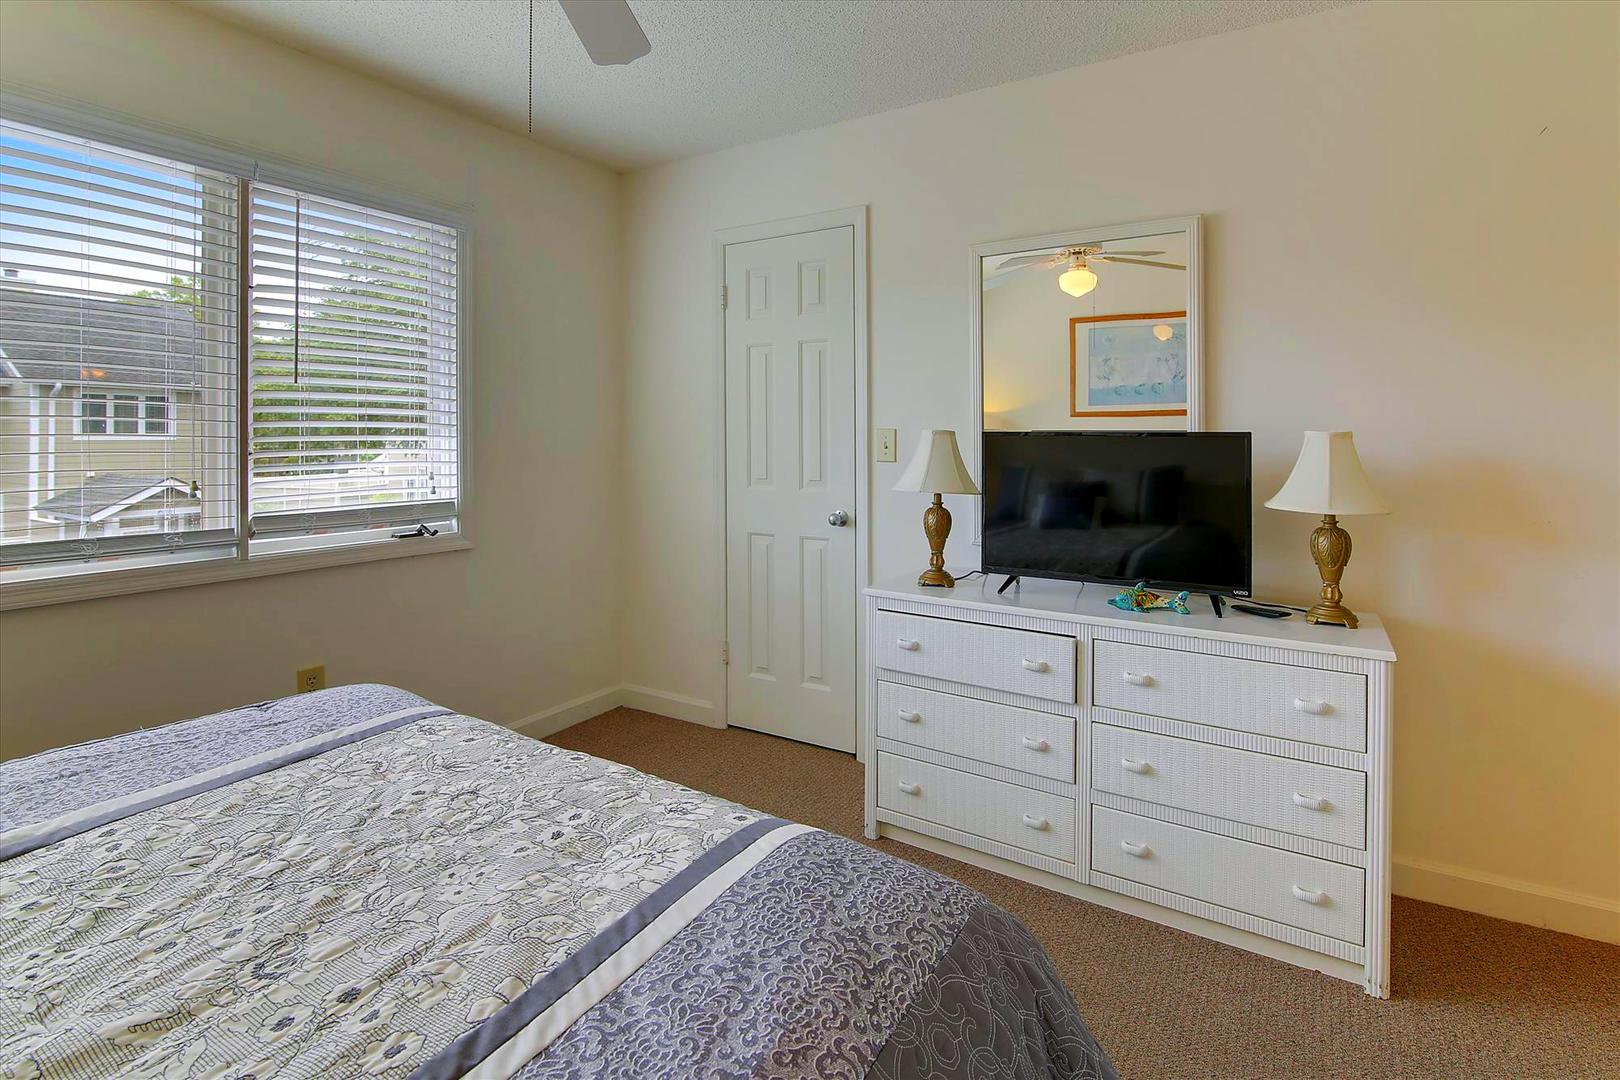 Ocean Creek G2707 - Bedroom 1